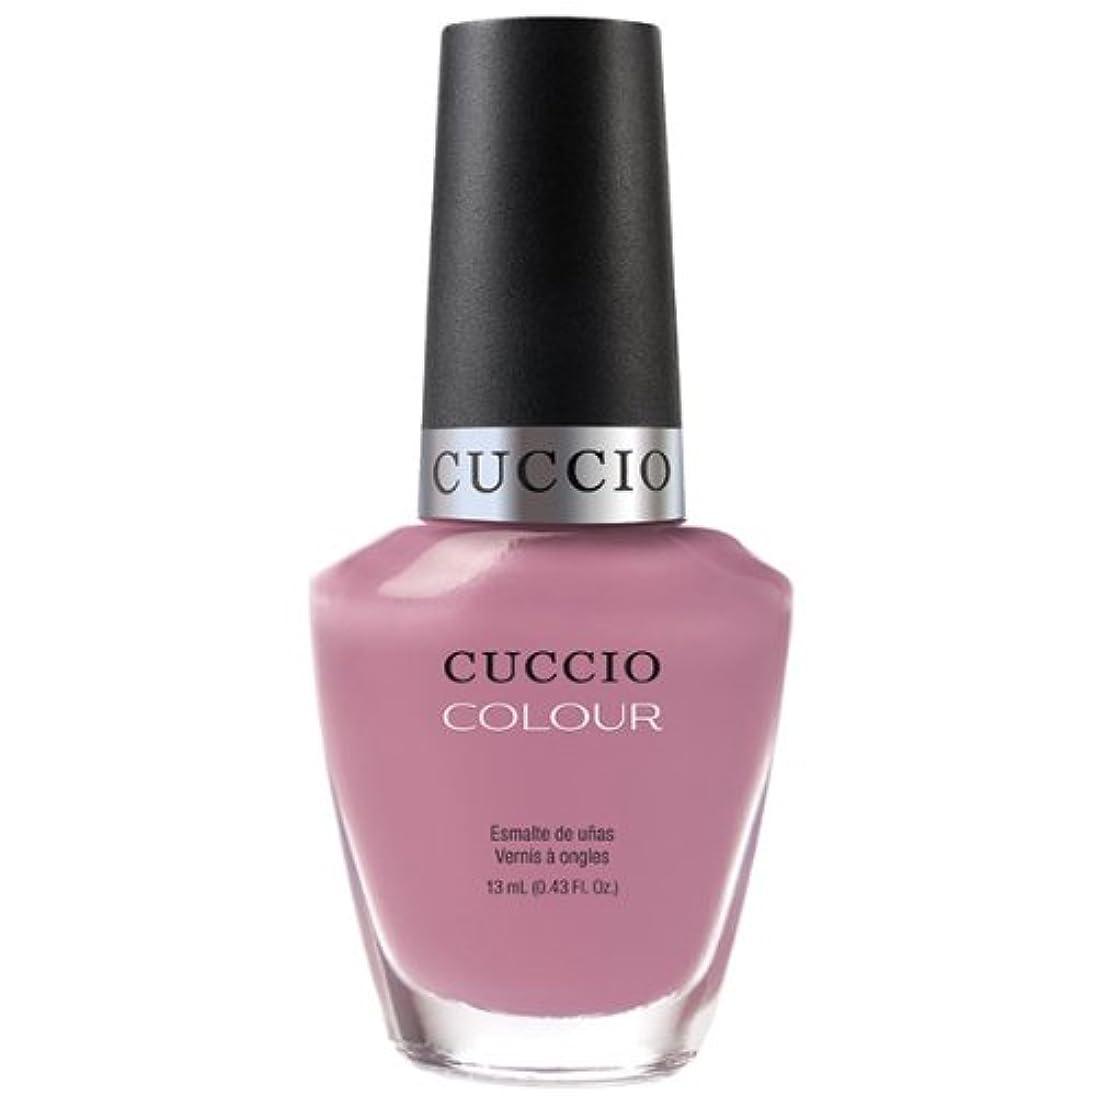 Cuccio Colour Gloss Lacquer - Bali Bliss - 0.43oz / 13ml